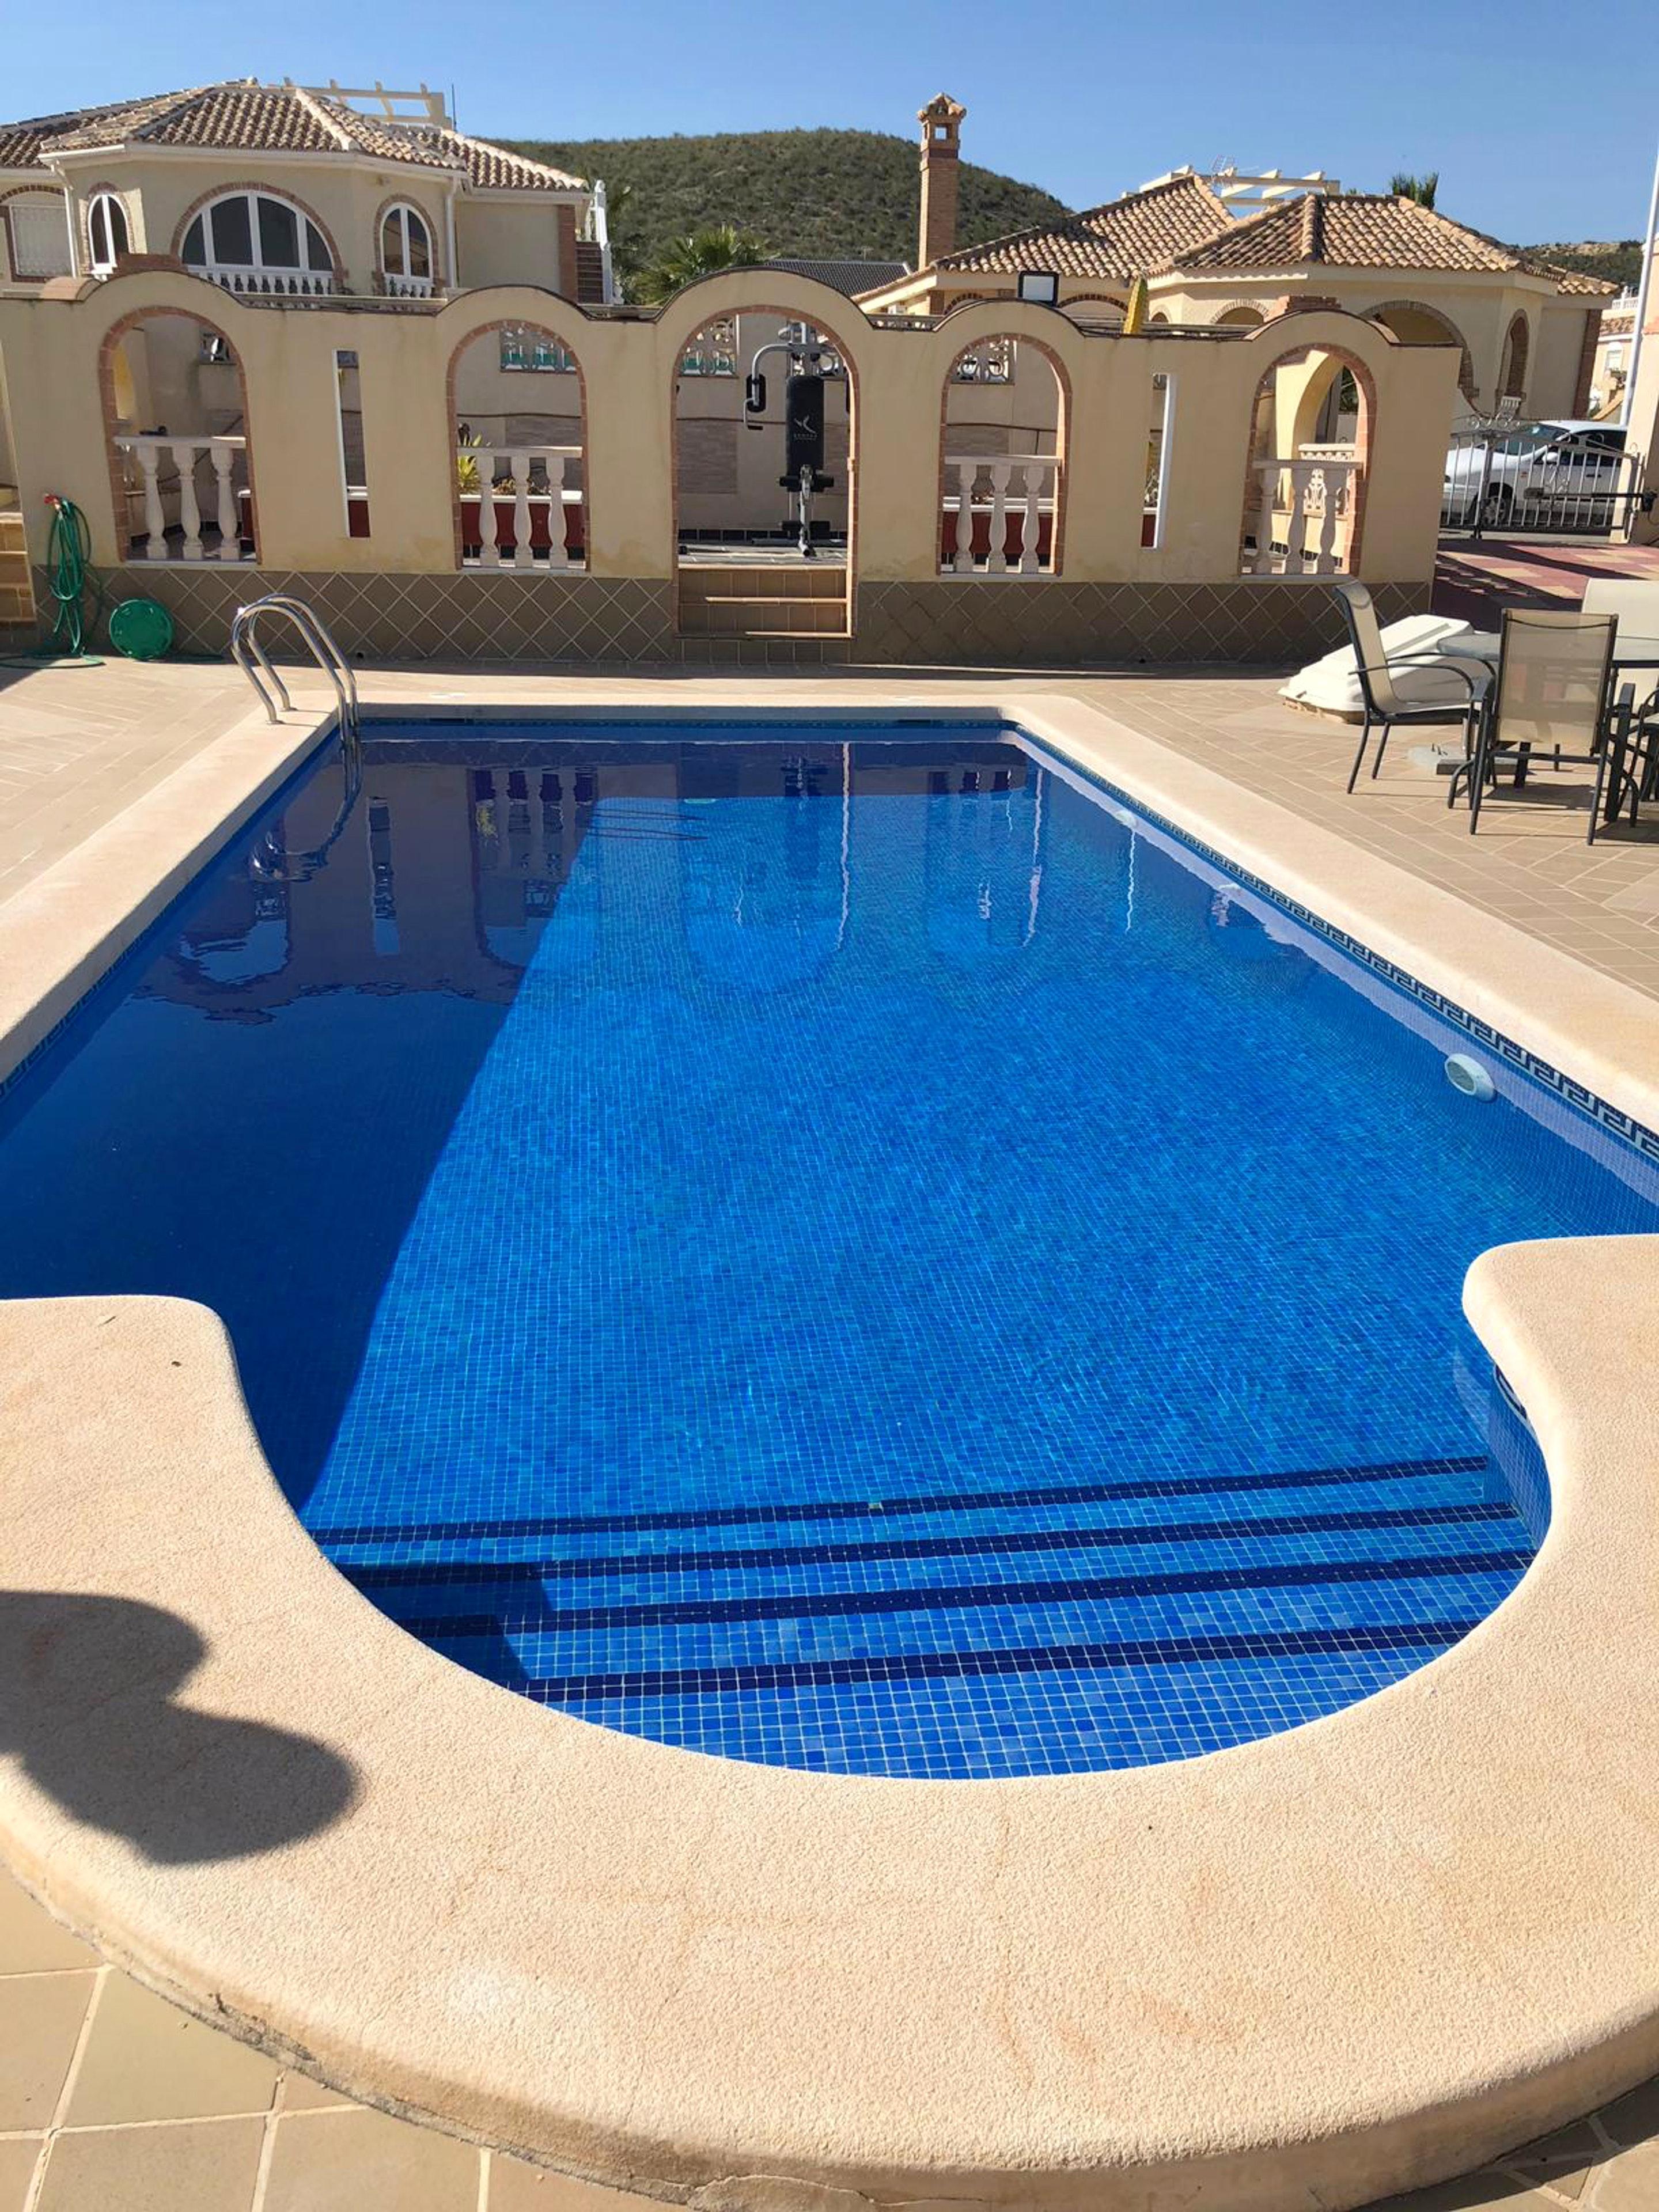 Appartement de vacances Wohnung mit 2 Schlafzimmern in Mazarrón mit toller Aussicht auf die Berge, privatem Pool,  (2632538), Mazarron, Costa Calida, Murcie, Espagne, image 3